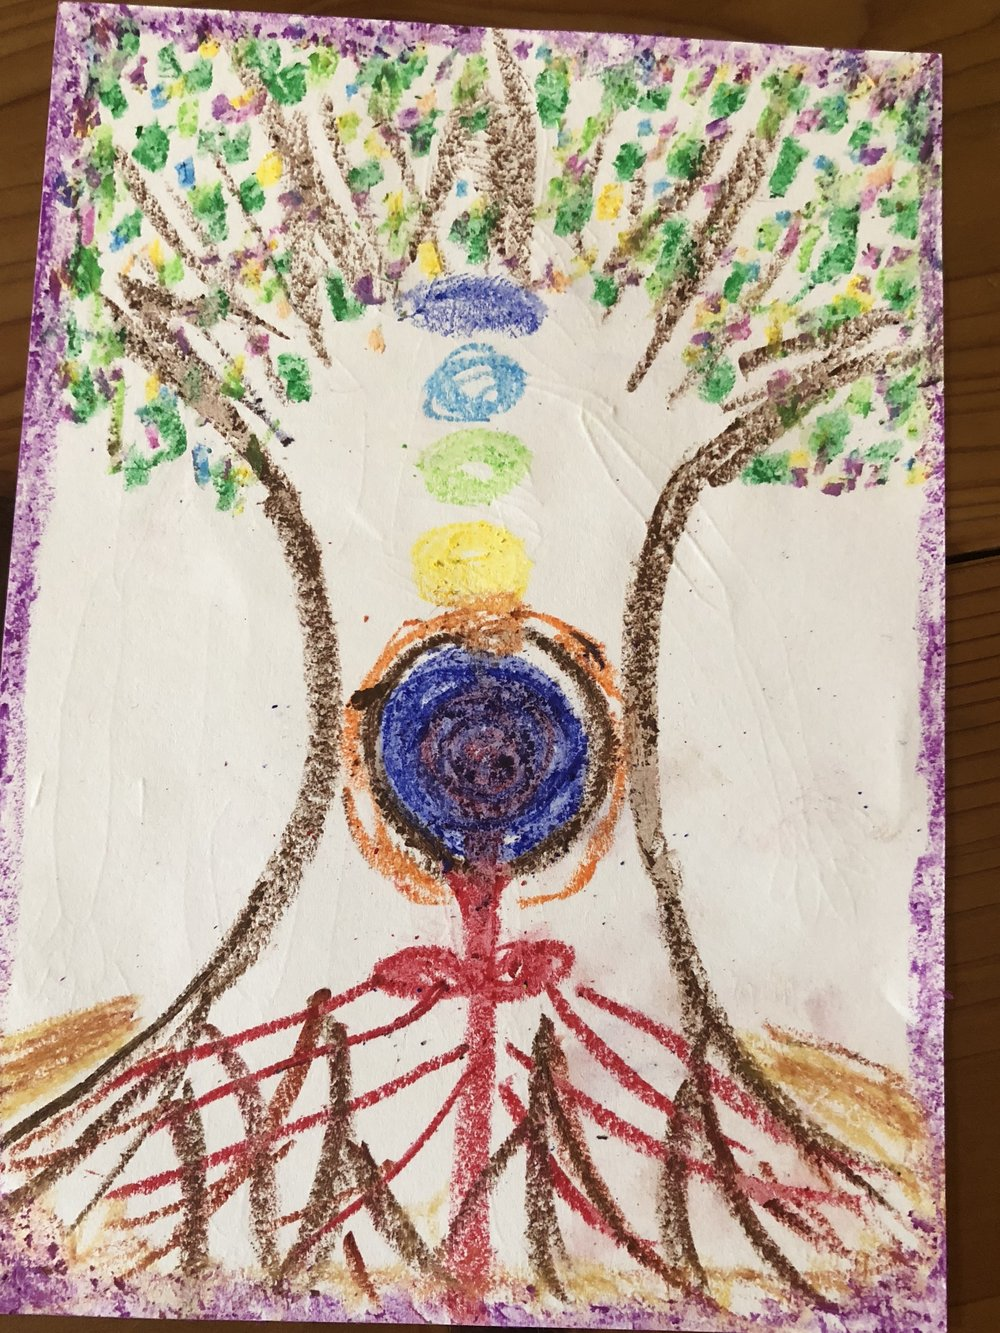 「自分が木になった!」という体験をされた方の絵。子宮のあたりに、地球もあって、血(生命エネルギー)が出ていて、それが栄養になって根っこが生えている。この方は、もう閉経したと思っていたら、突然、生理がまたやってきたんだと!「もうこの次元の世界には帰ってきたくなかった」と言っていた人もいたなぁー。